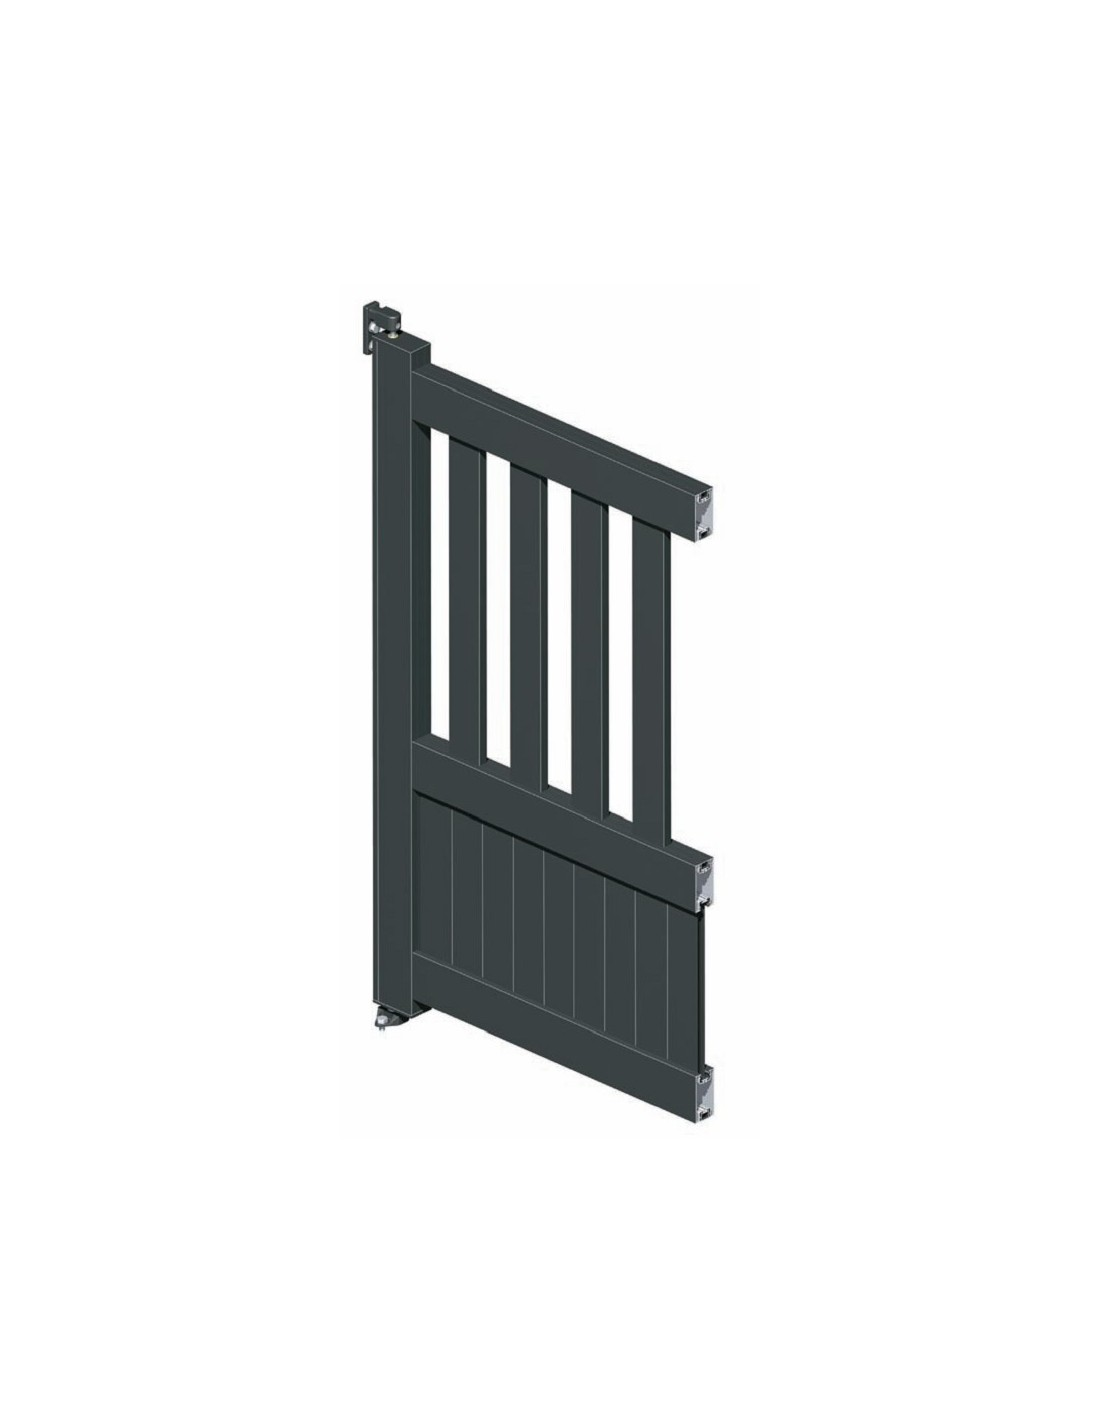 portail coulissant aluminium semi ajour droit technal l 3m70 5m00. Black Bedroom Furniture Sets. Home Design Ideas